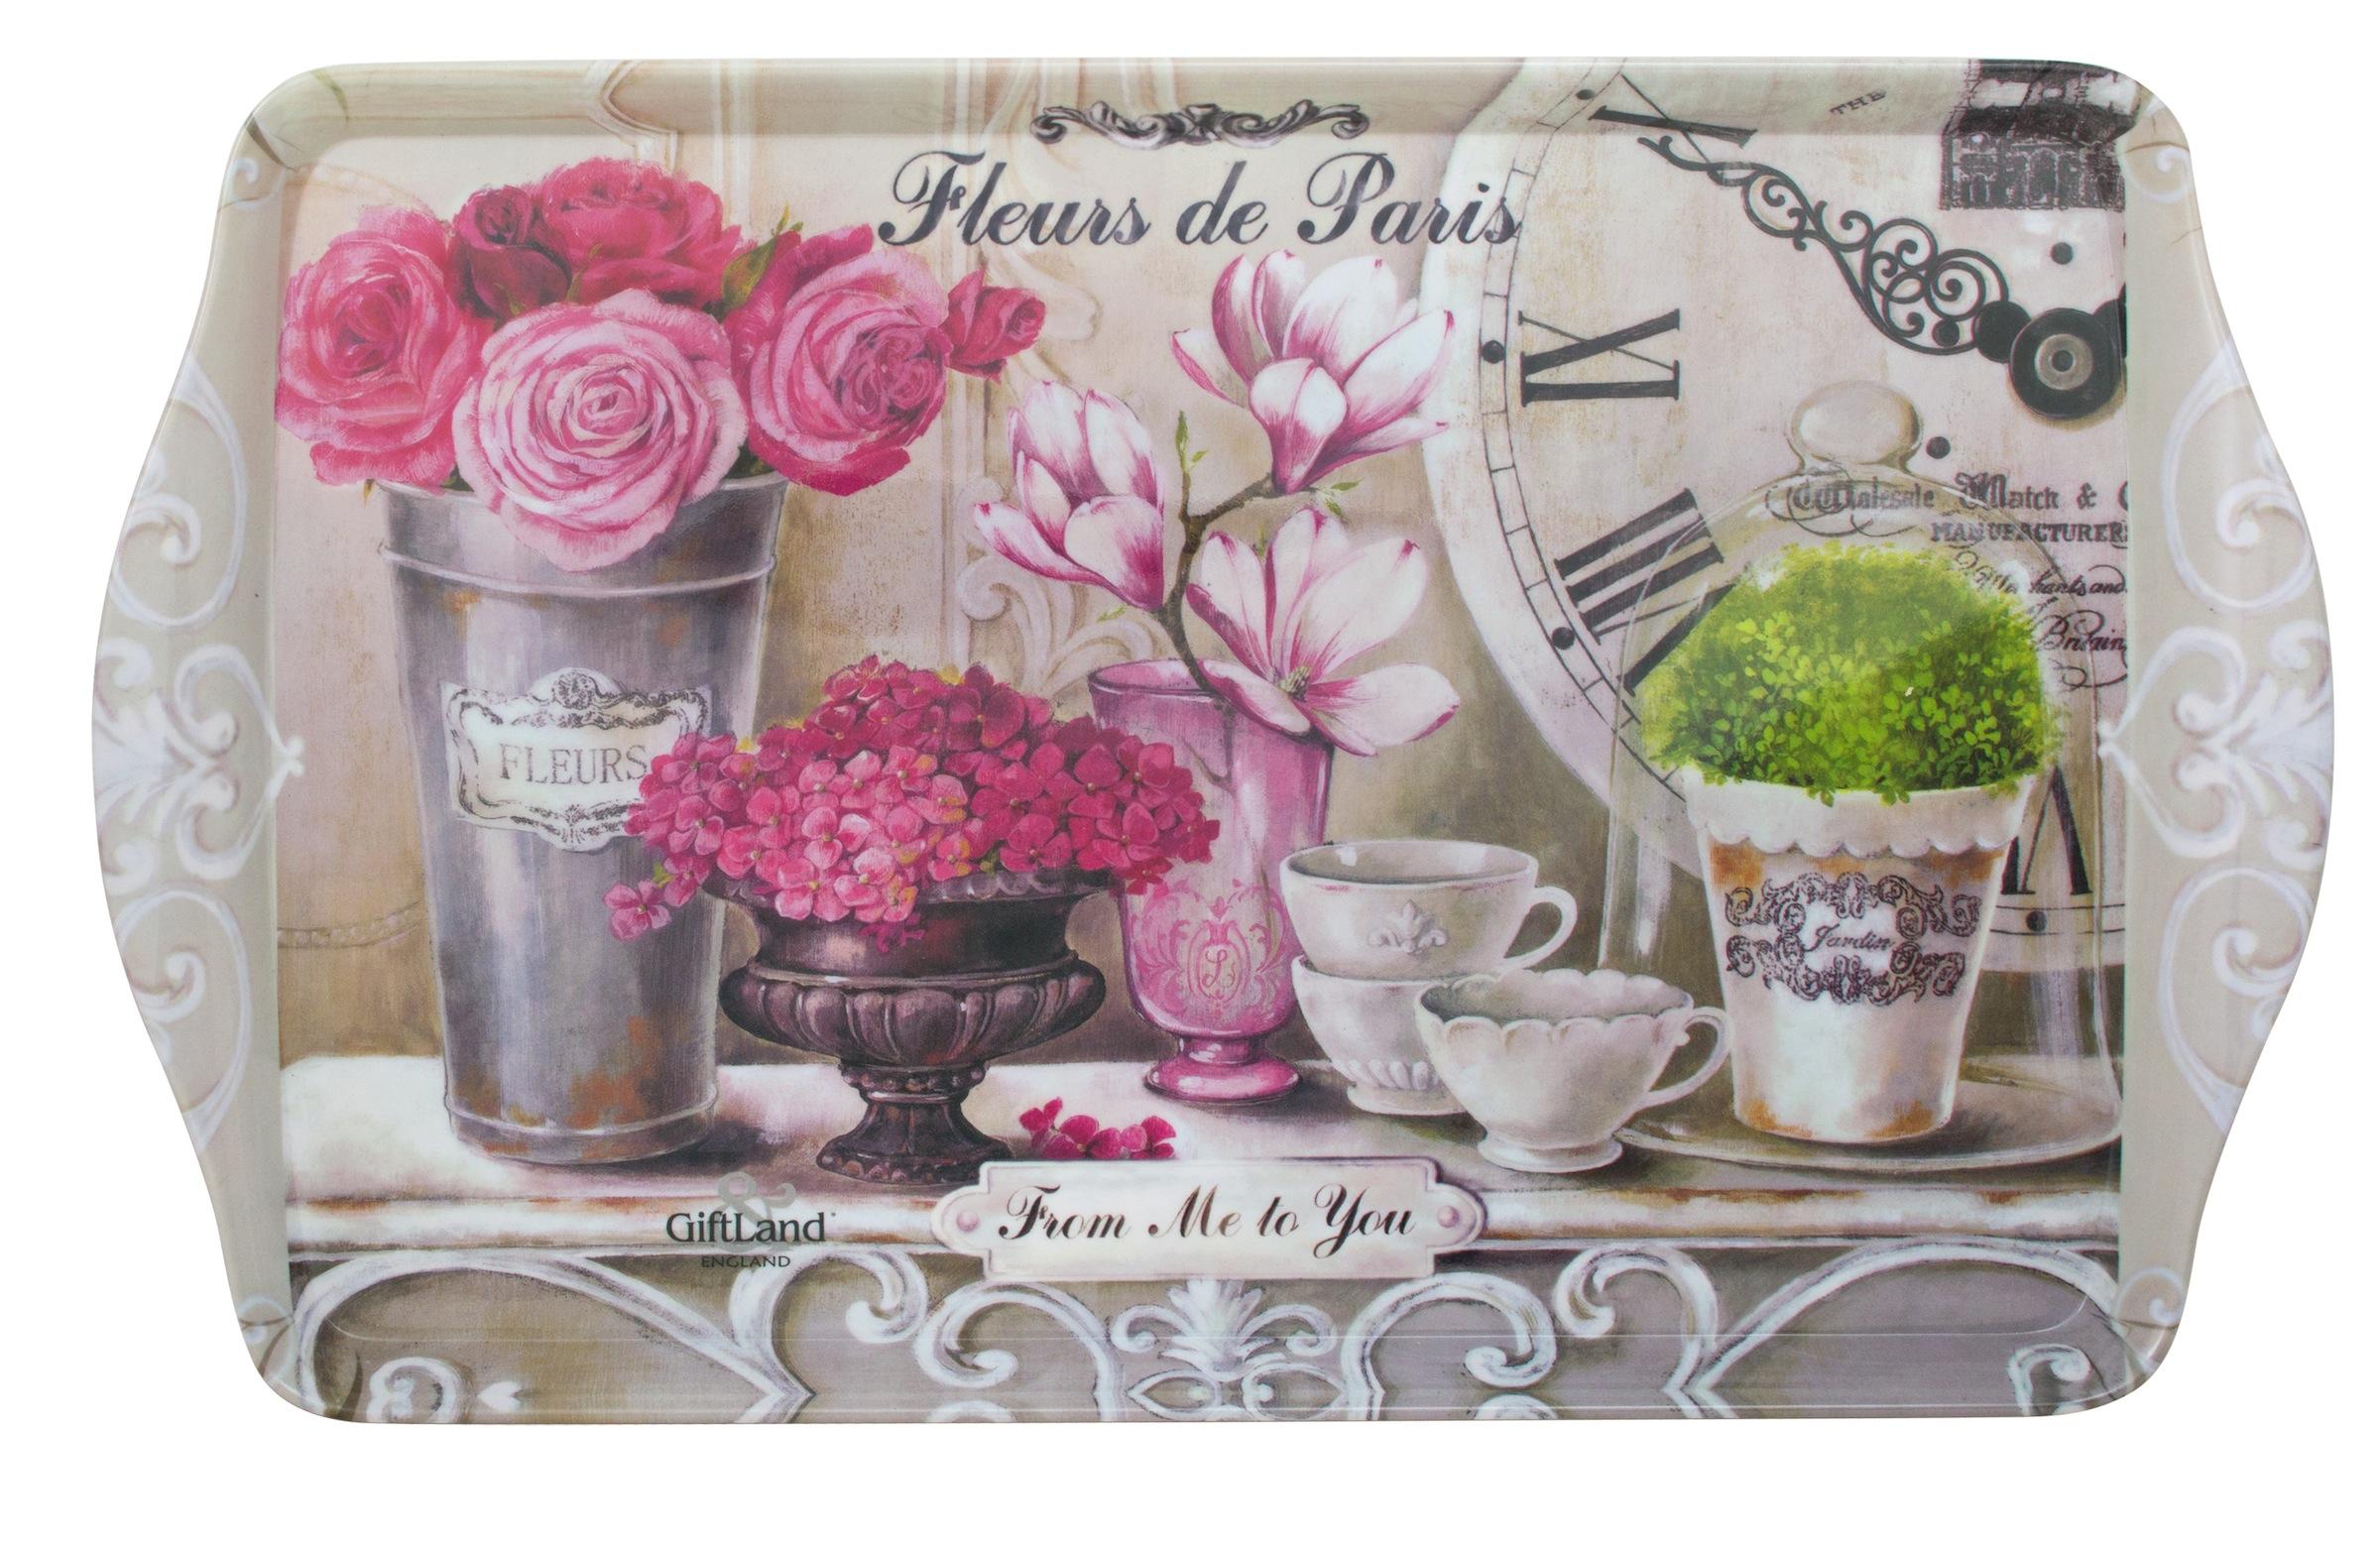 """Прямоугольный поднос GiftLand """"Парижские цветы"""" выполнен из высококачественного и  жаропрочного пластика и украшен изображением цветов. Красочный дизайн подноса придаст  оригинальность и яркость любой кухне или столовой.  Такой поднос станет незаменимым предметом для сервировки стола. Компактный поднос  предохранит поверхность стола от грязи и перегрева. Изделие устойчиво к высоким  температурам. Можно мыть в посудомоечной машине и использовать в микроволновой  печи.  Размер подноса: 38,8 см x 24 см.  Высота подноса: 2,2 см."""